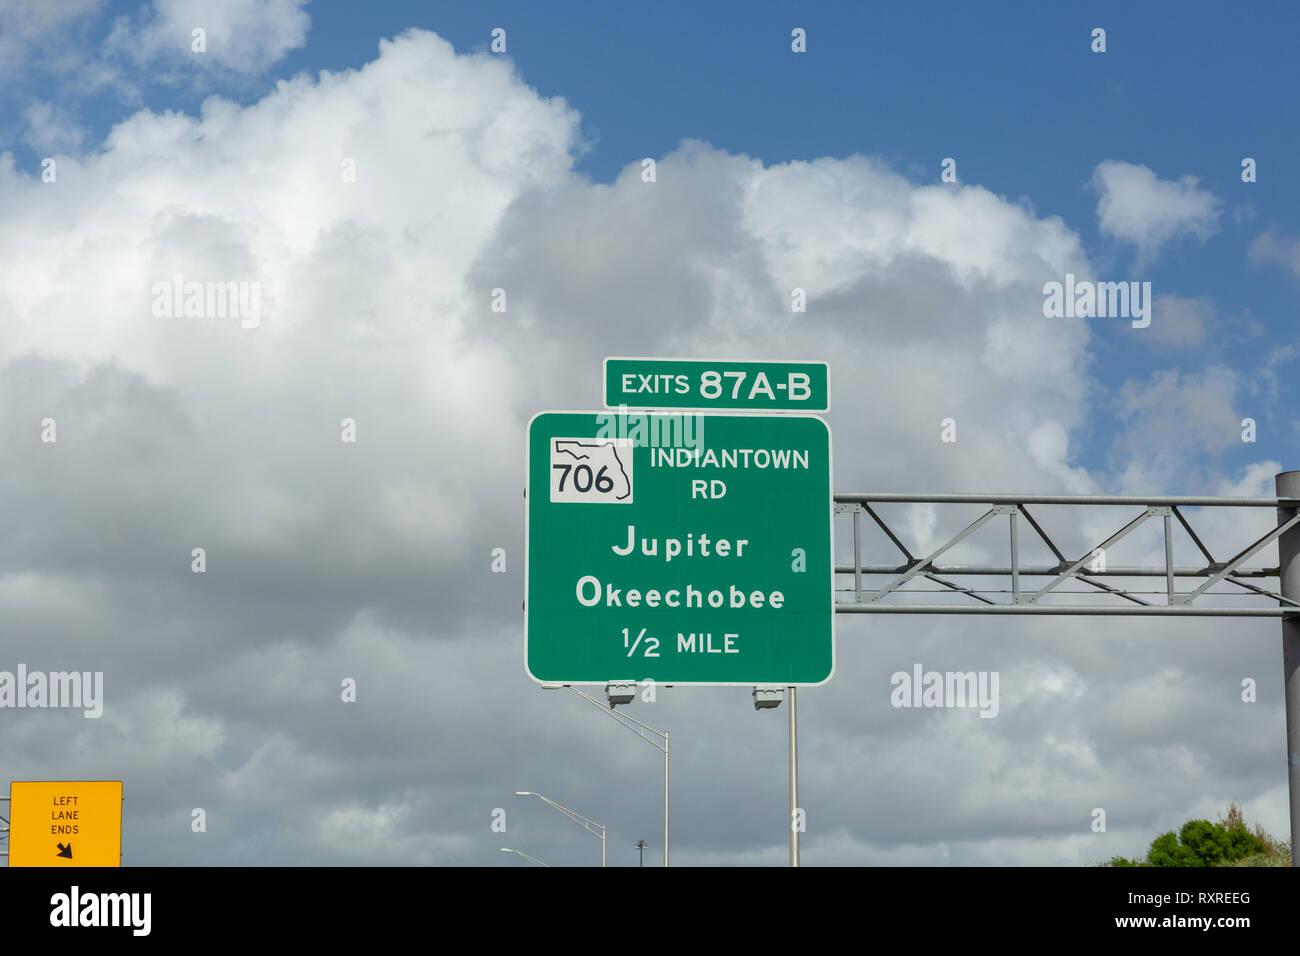 Ausfahrten 97 A-B706 Indiantown Road, Jupiter, Okeechobee Stockfoto